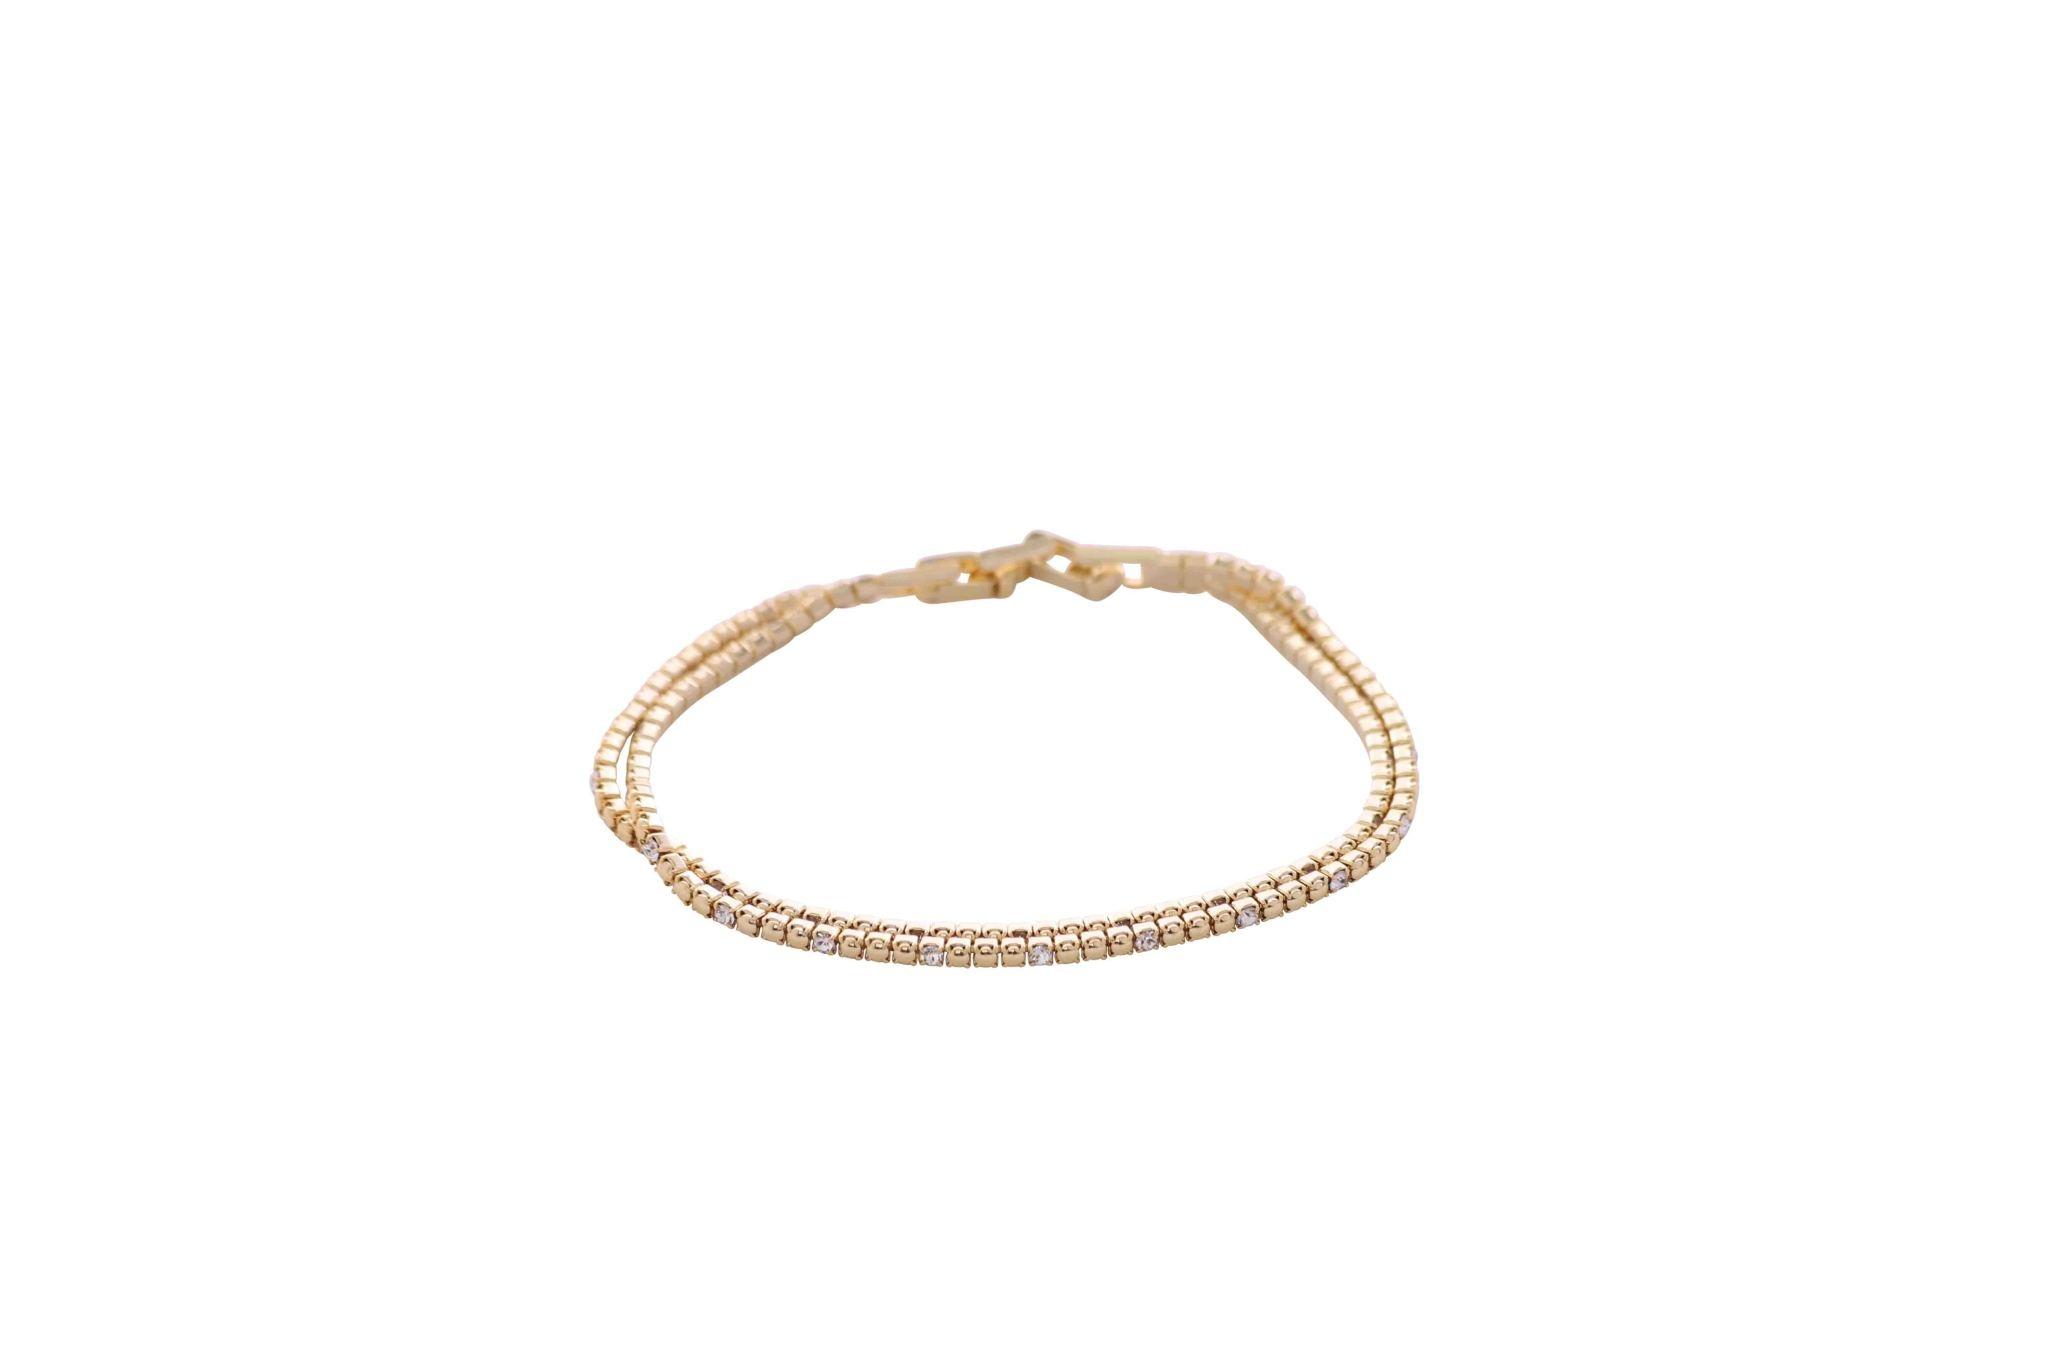 Gold and Crystal Bracelet